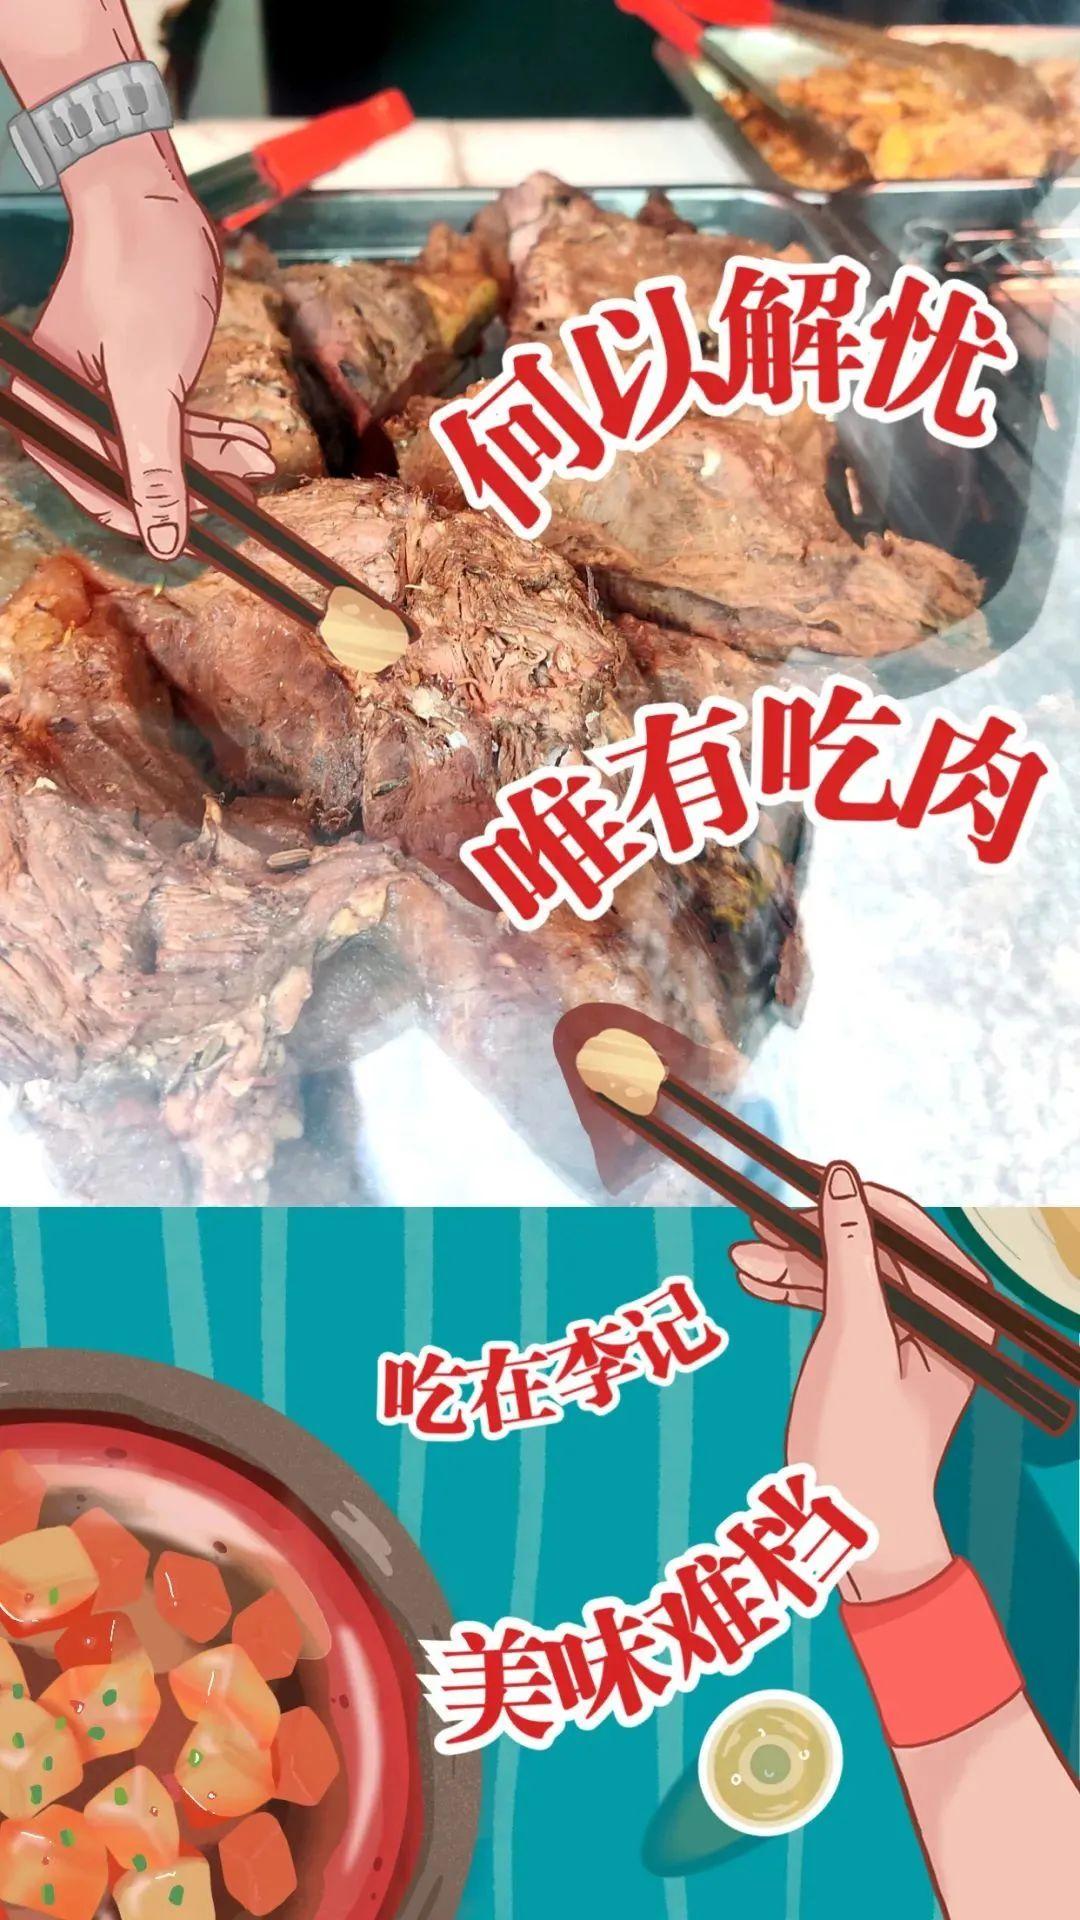 藏匿于郑州西郊的桶子鸡老店,实力圈粉啦,爱了爱了!!!